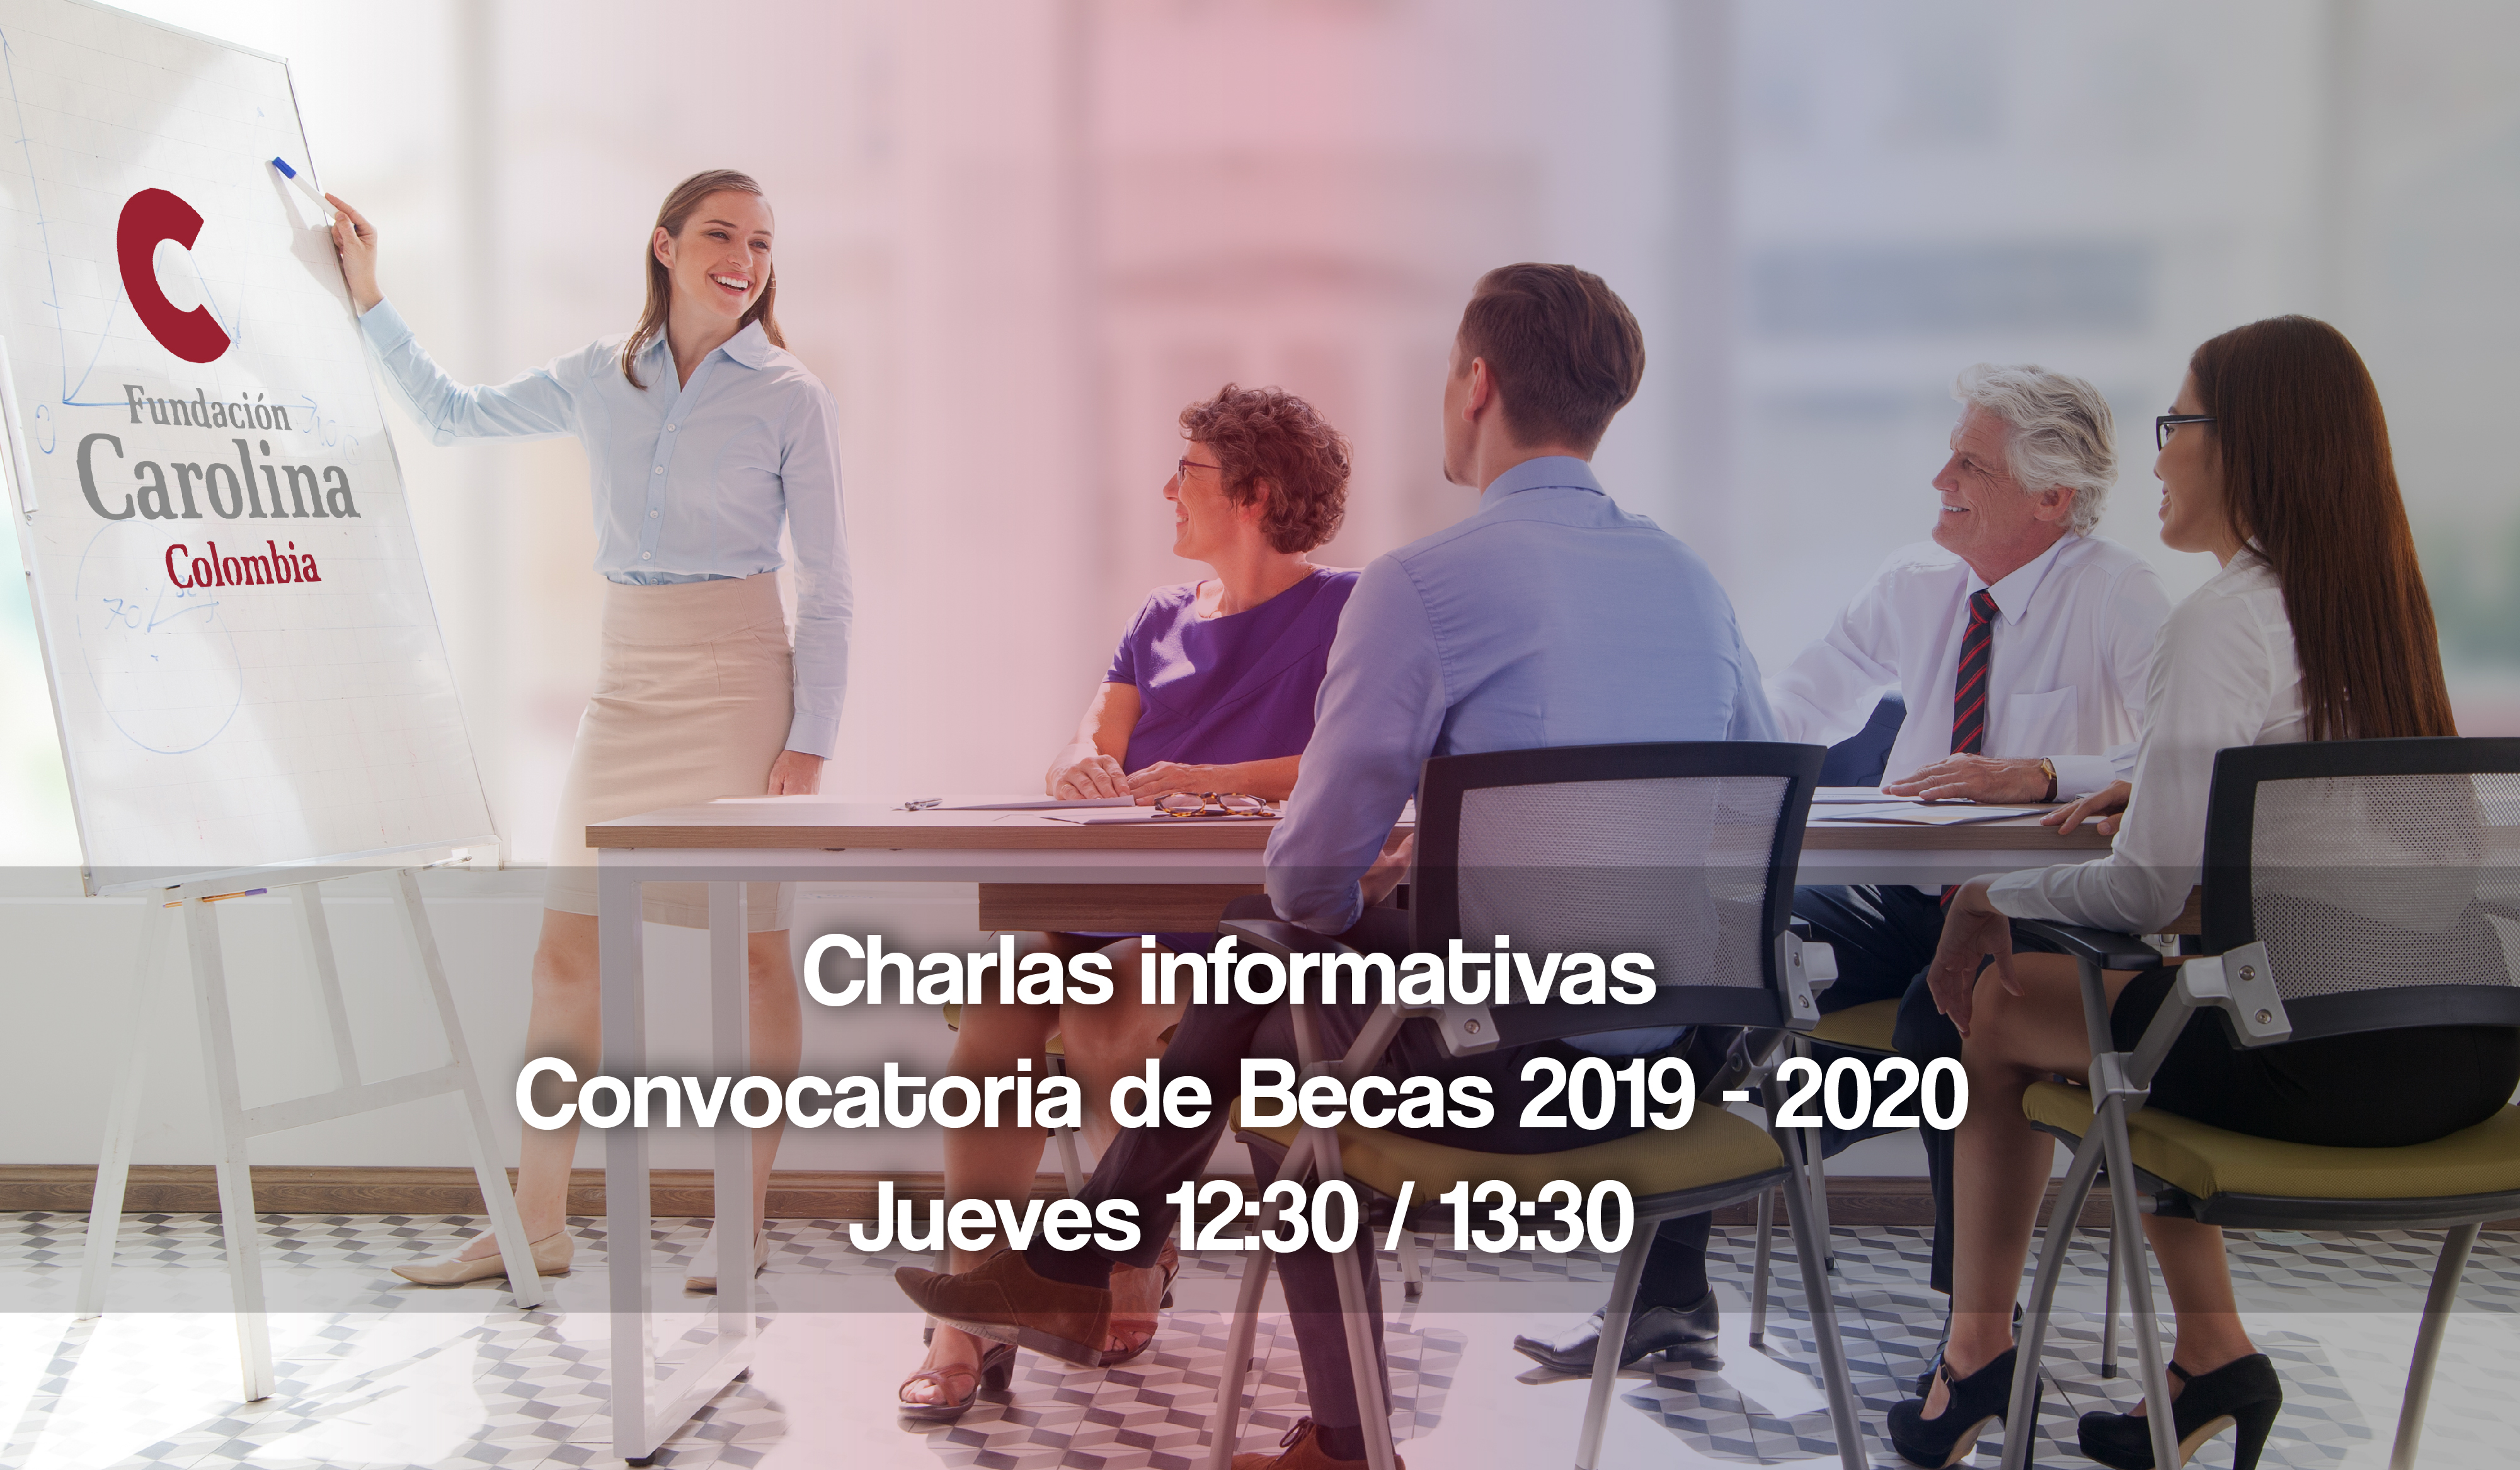 Charlas_informativas-01